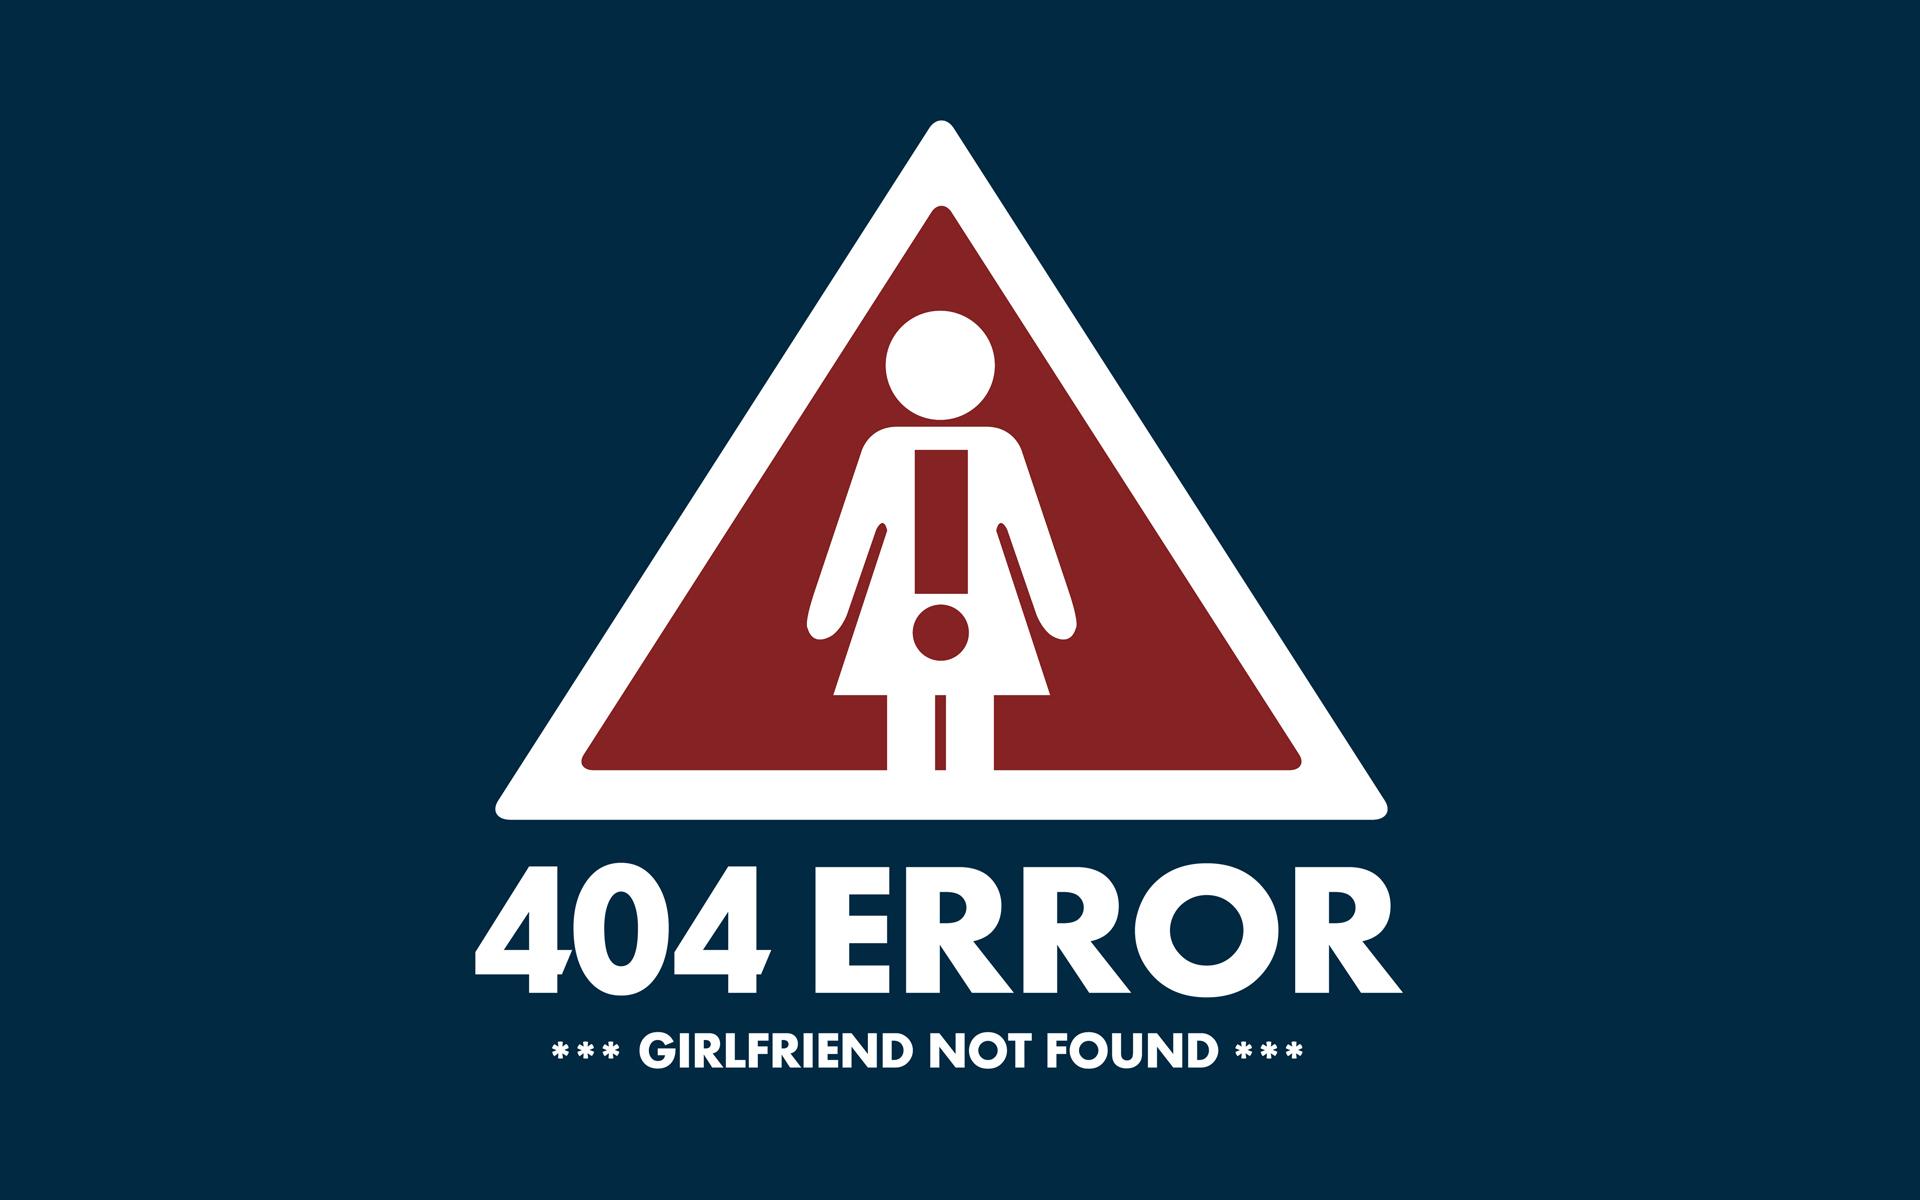 Background image 404 not found - 404 Error Girlfriend Not Found